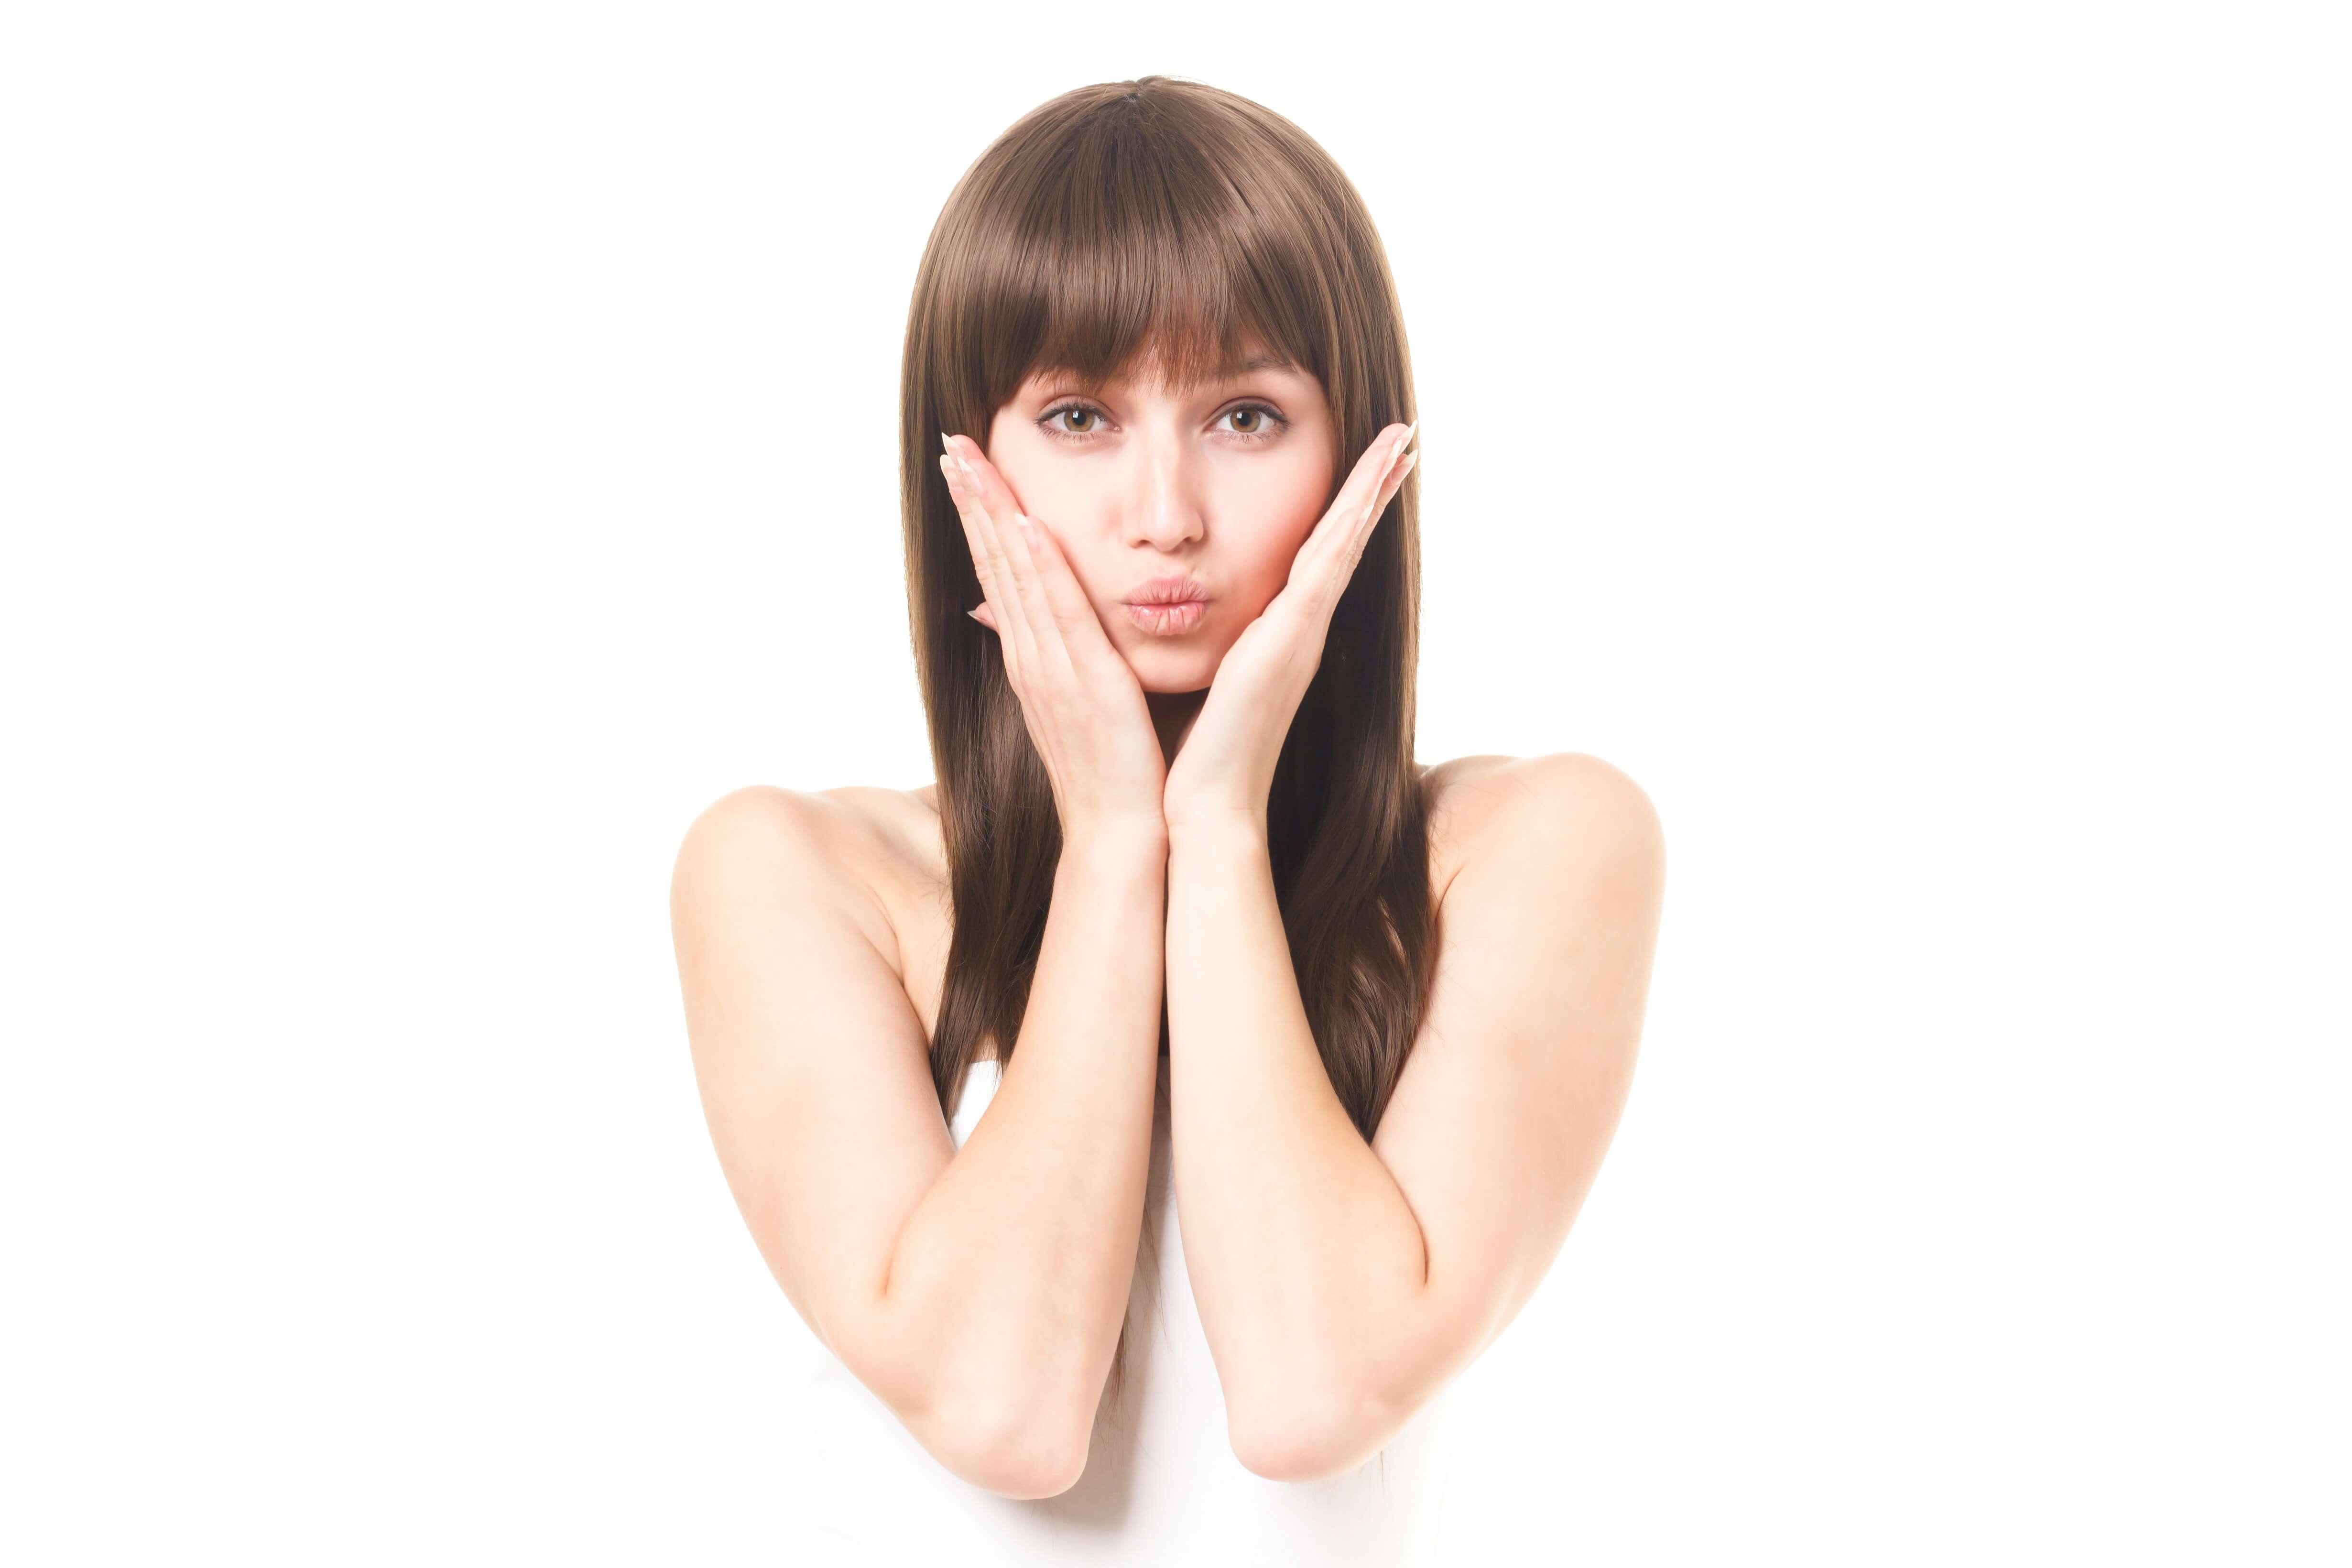 女性に多い甲状腺機能の低下は抜け毛の原因?甲状腺機能低下症とは